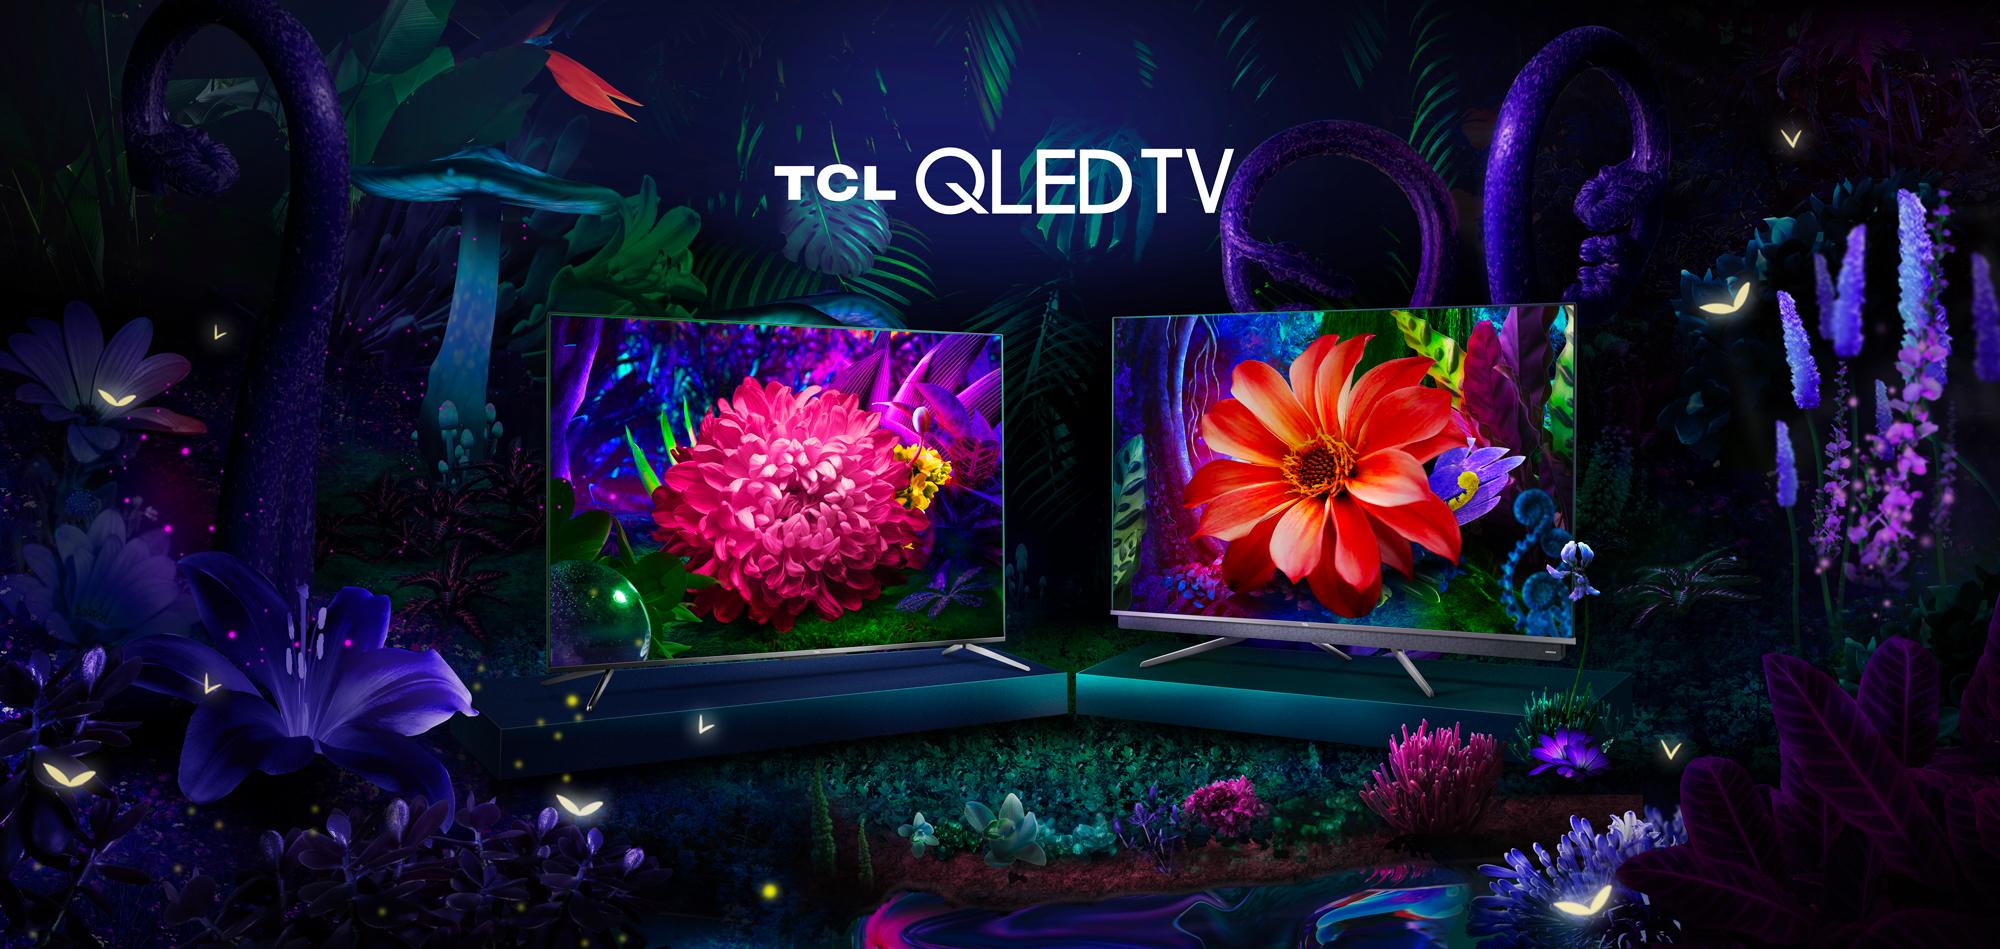 tv qled tcl electronics ces 2020 las vegas